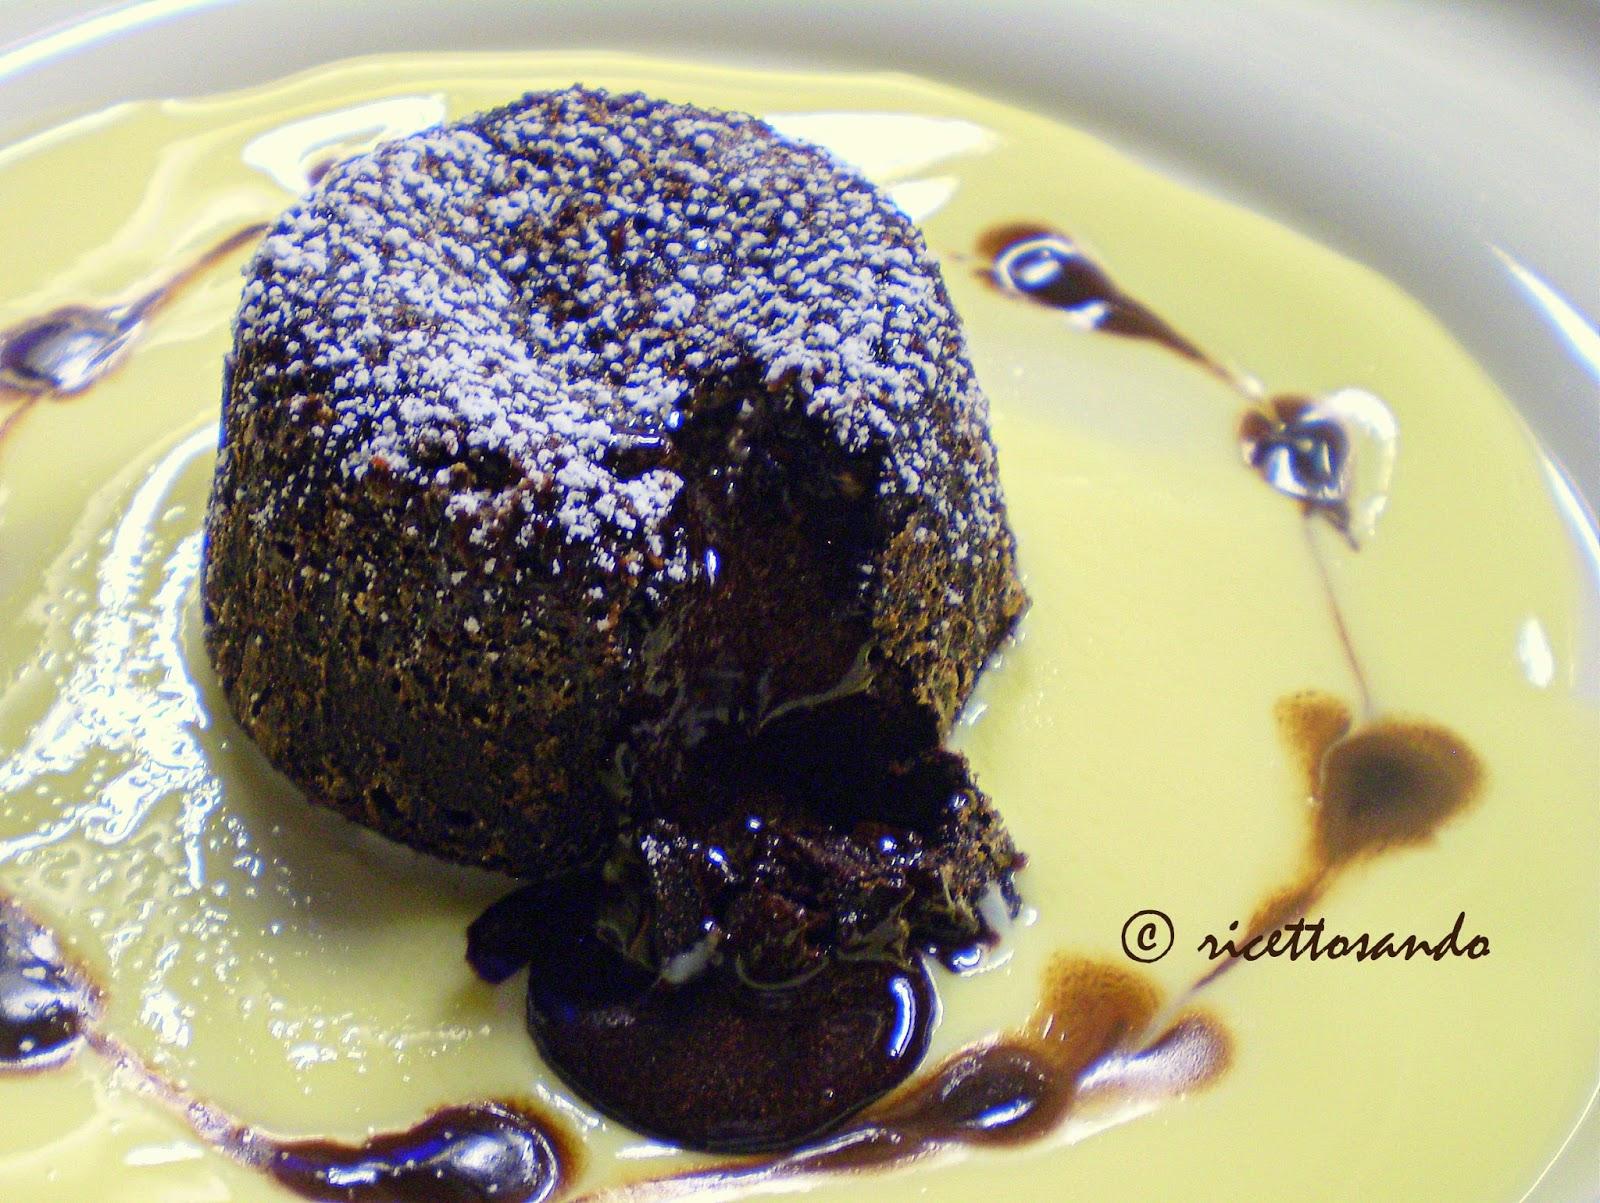 Tortino di cioccolato con cuore fondente ricetta  di dessert dolce